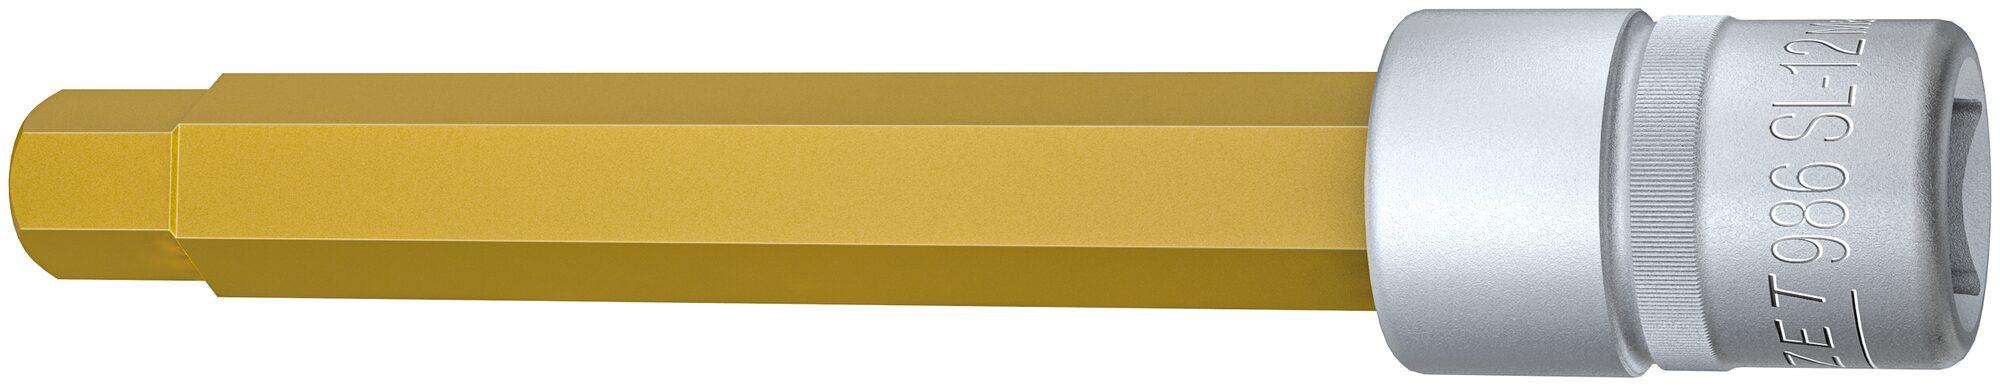 HAZET Schraubendreher-Steckschlüsseleinsatz 986SL-12 ∙ Vierkant hohl 12,5 mm (1/2 Zoll) ∙ Innen-Sechskant Profil ∙ 12 mm